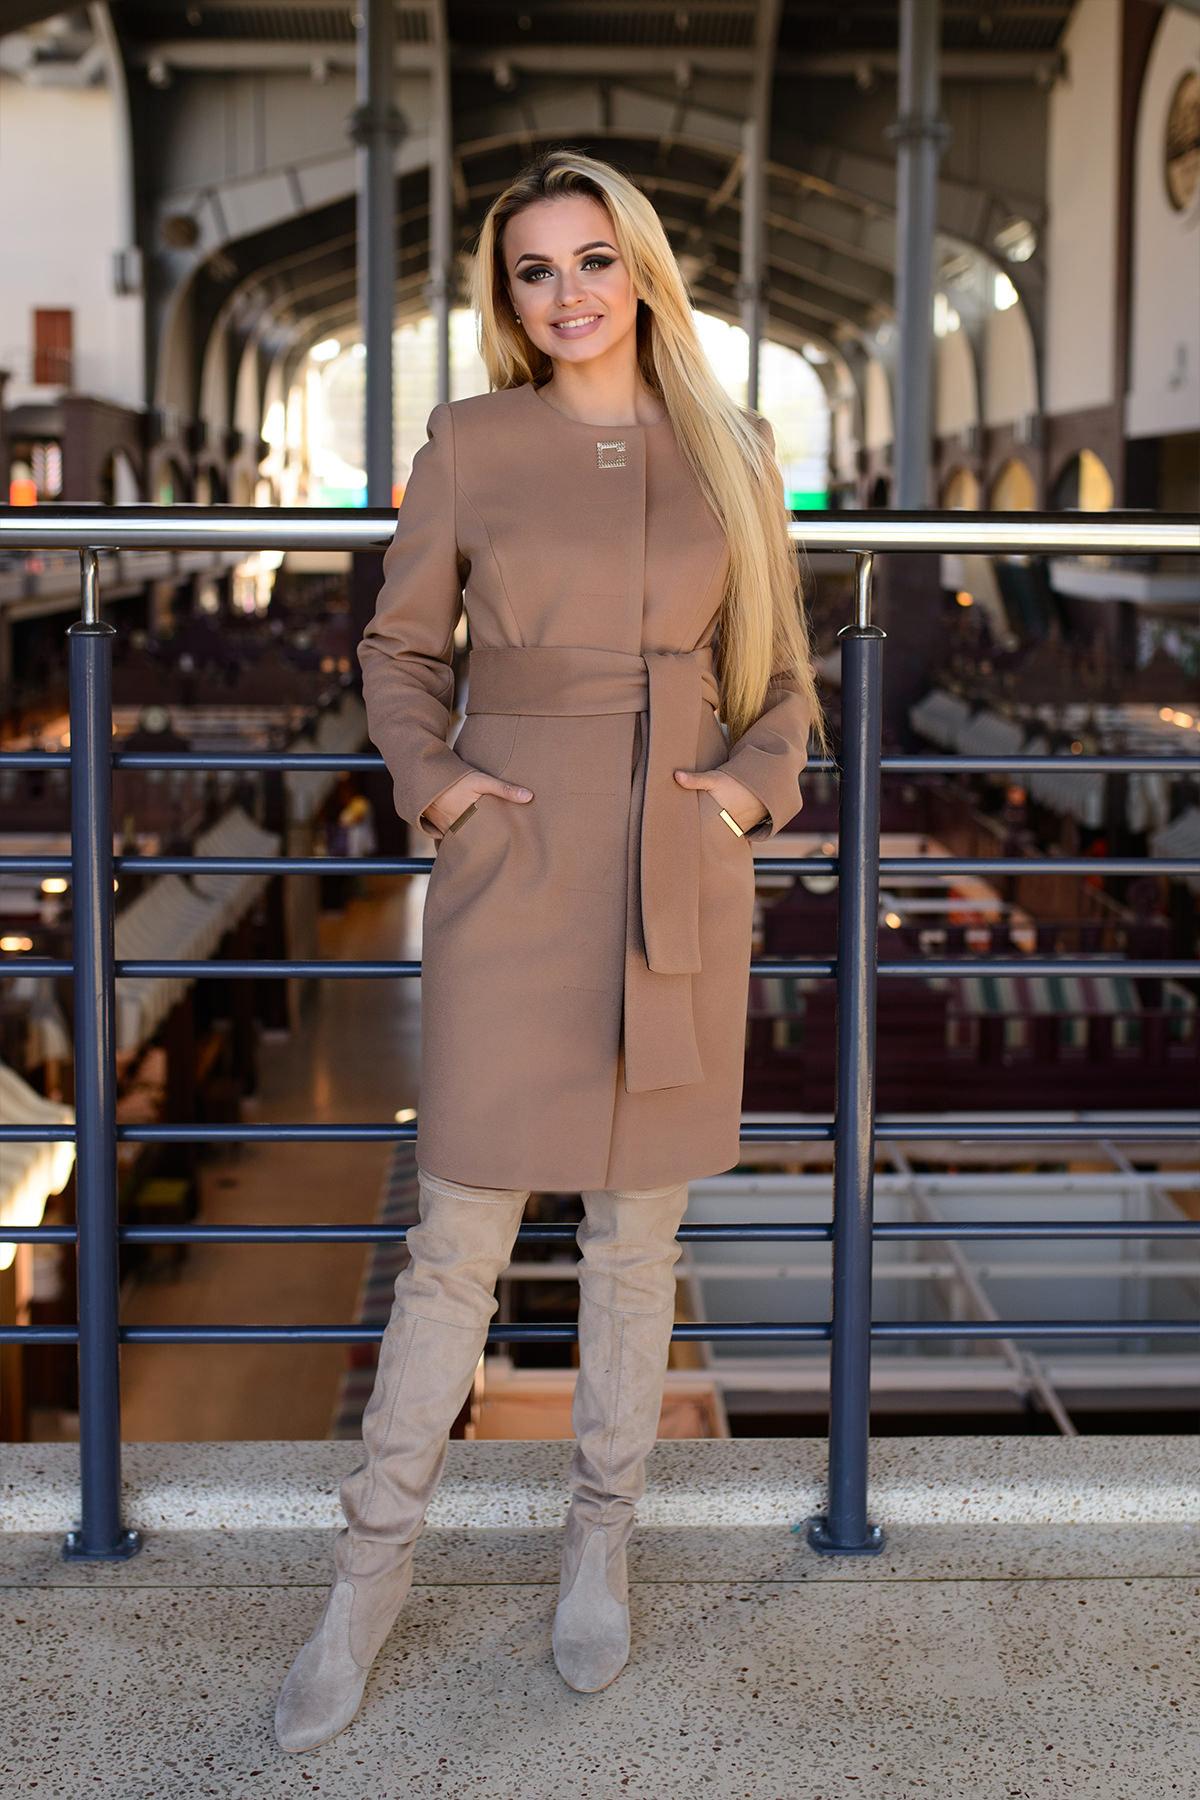 Купить кашемировое пальто оптом от производителя Пальто Луара 0536